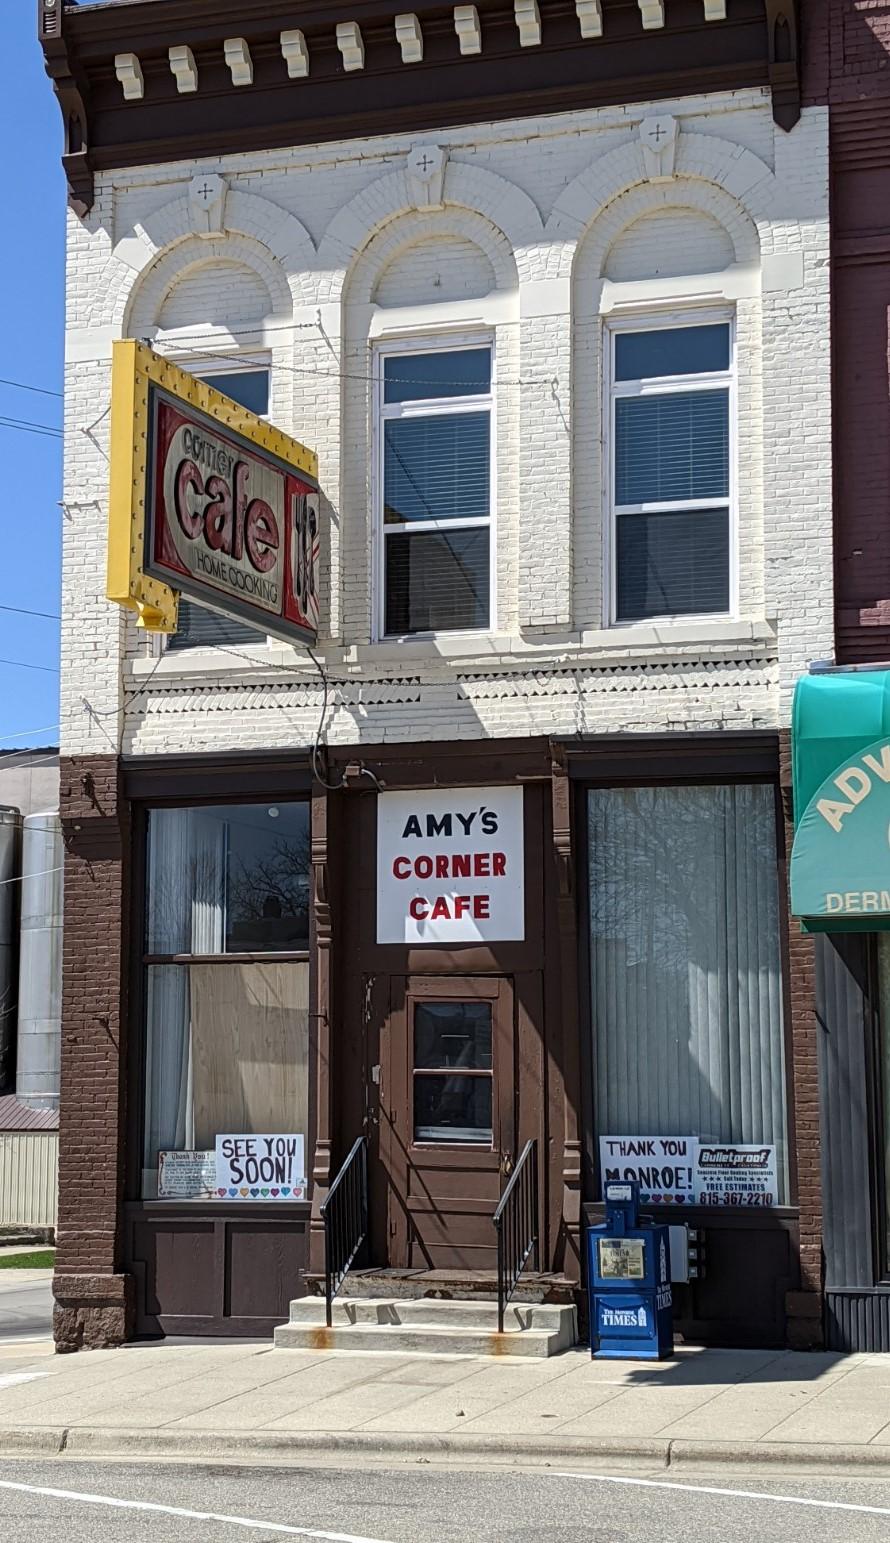 Amys Corner Cafe Storefront